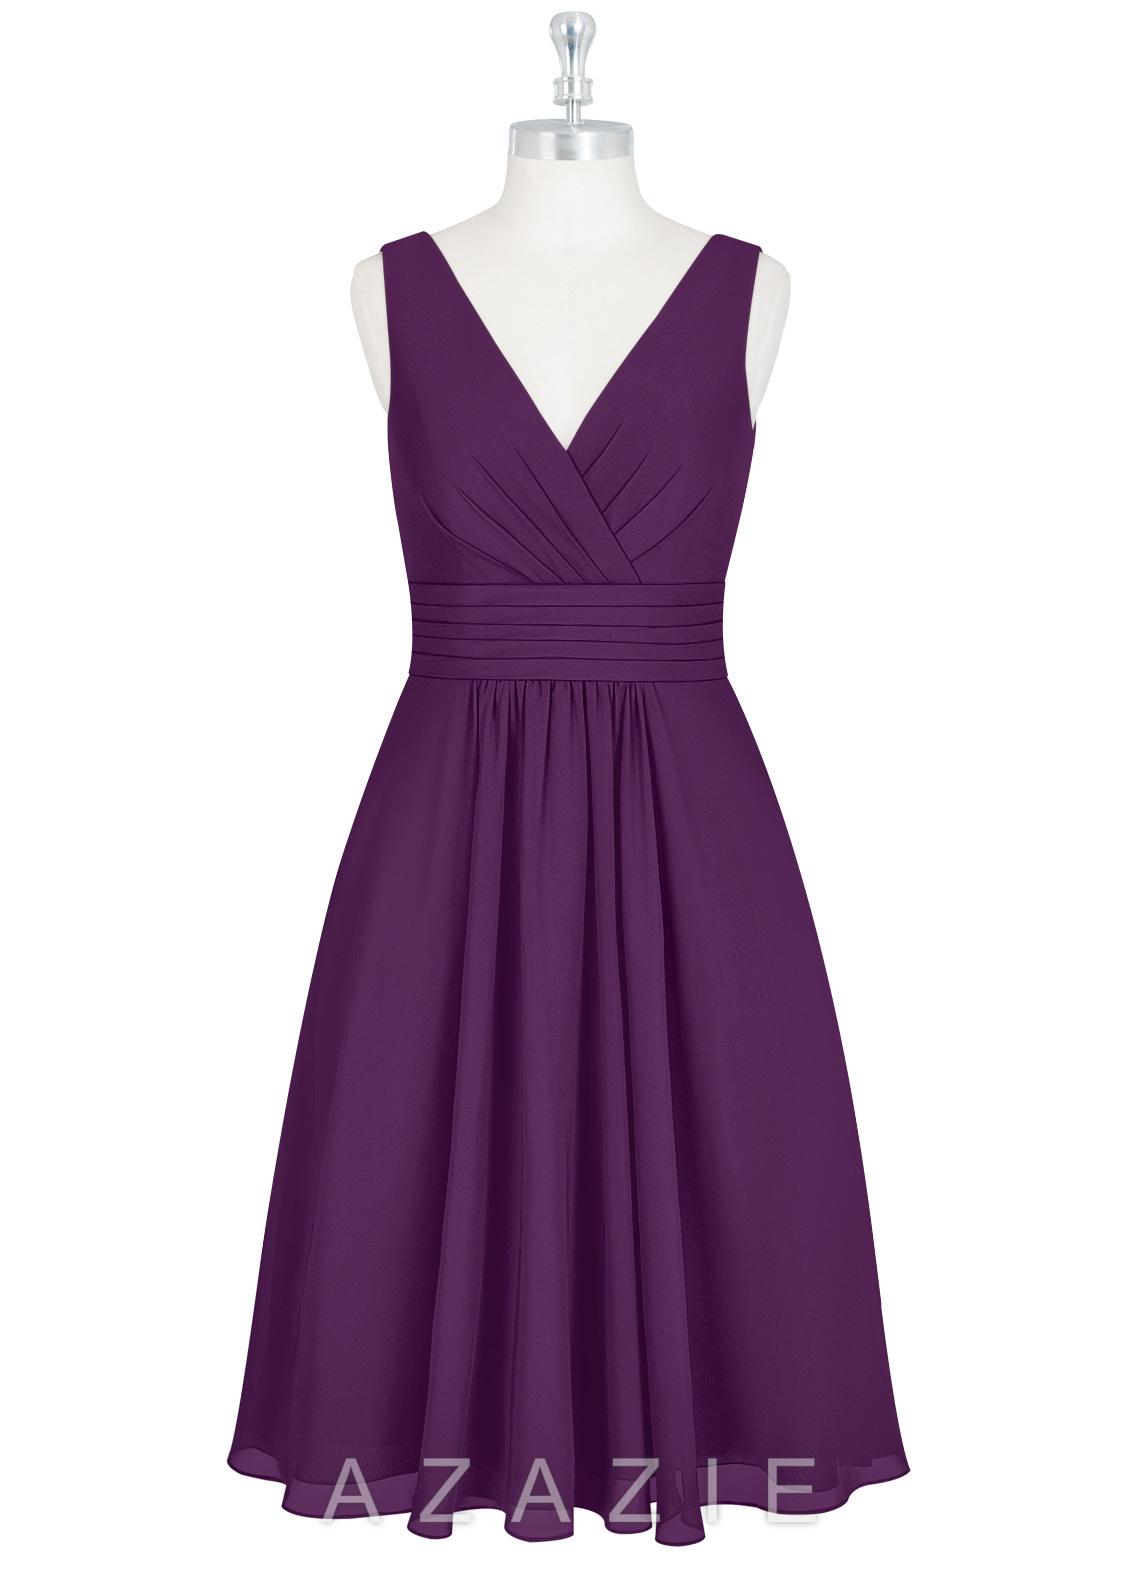 672f3f075172 Azazie Kyla Bridesmaid Dress | Azazie